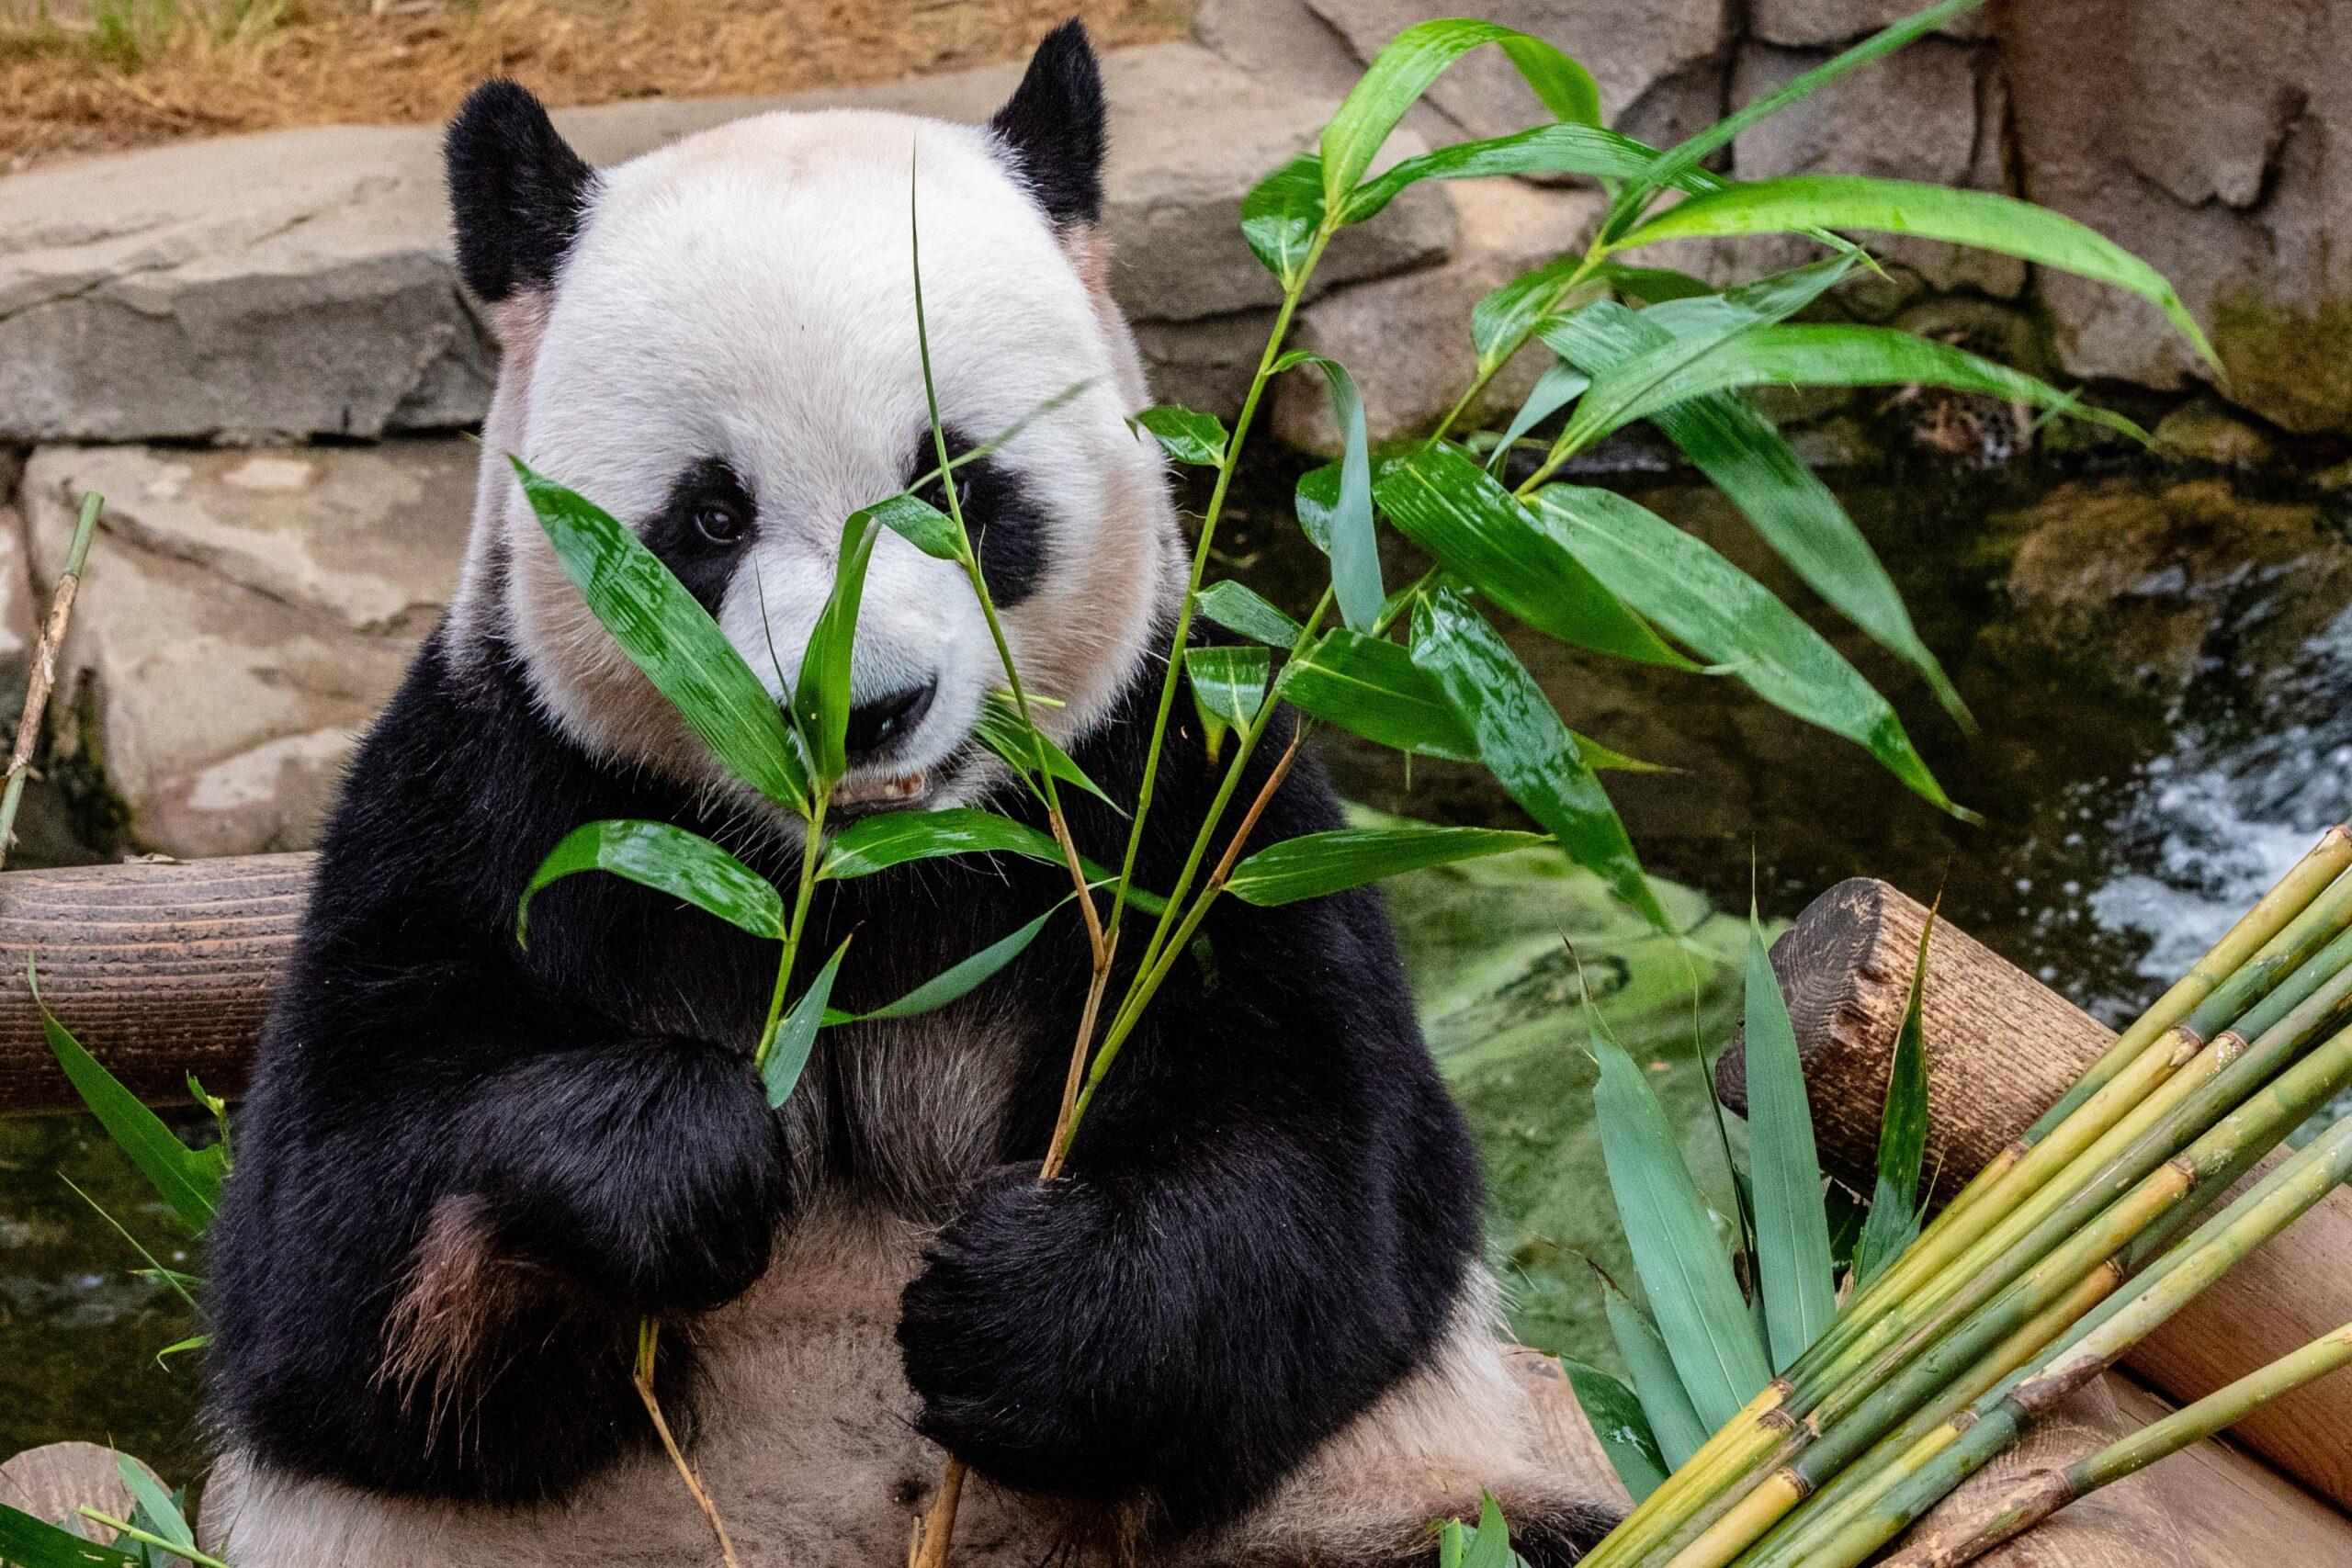 🐼熊貓媽媽吃便便?小熊貓剛生下來的顏色是 ? 熊貓寶寶是如何長大的 ?熊貓的專長是爬樹 ?可愛熊貓不怕摔 ?